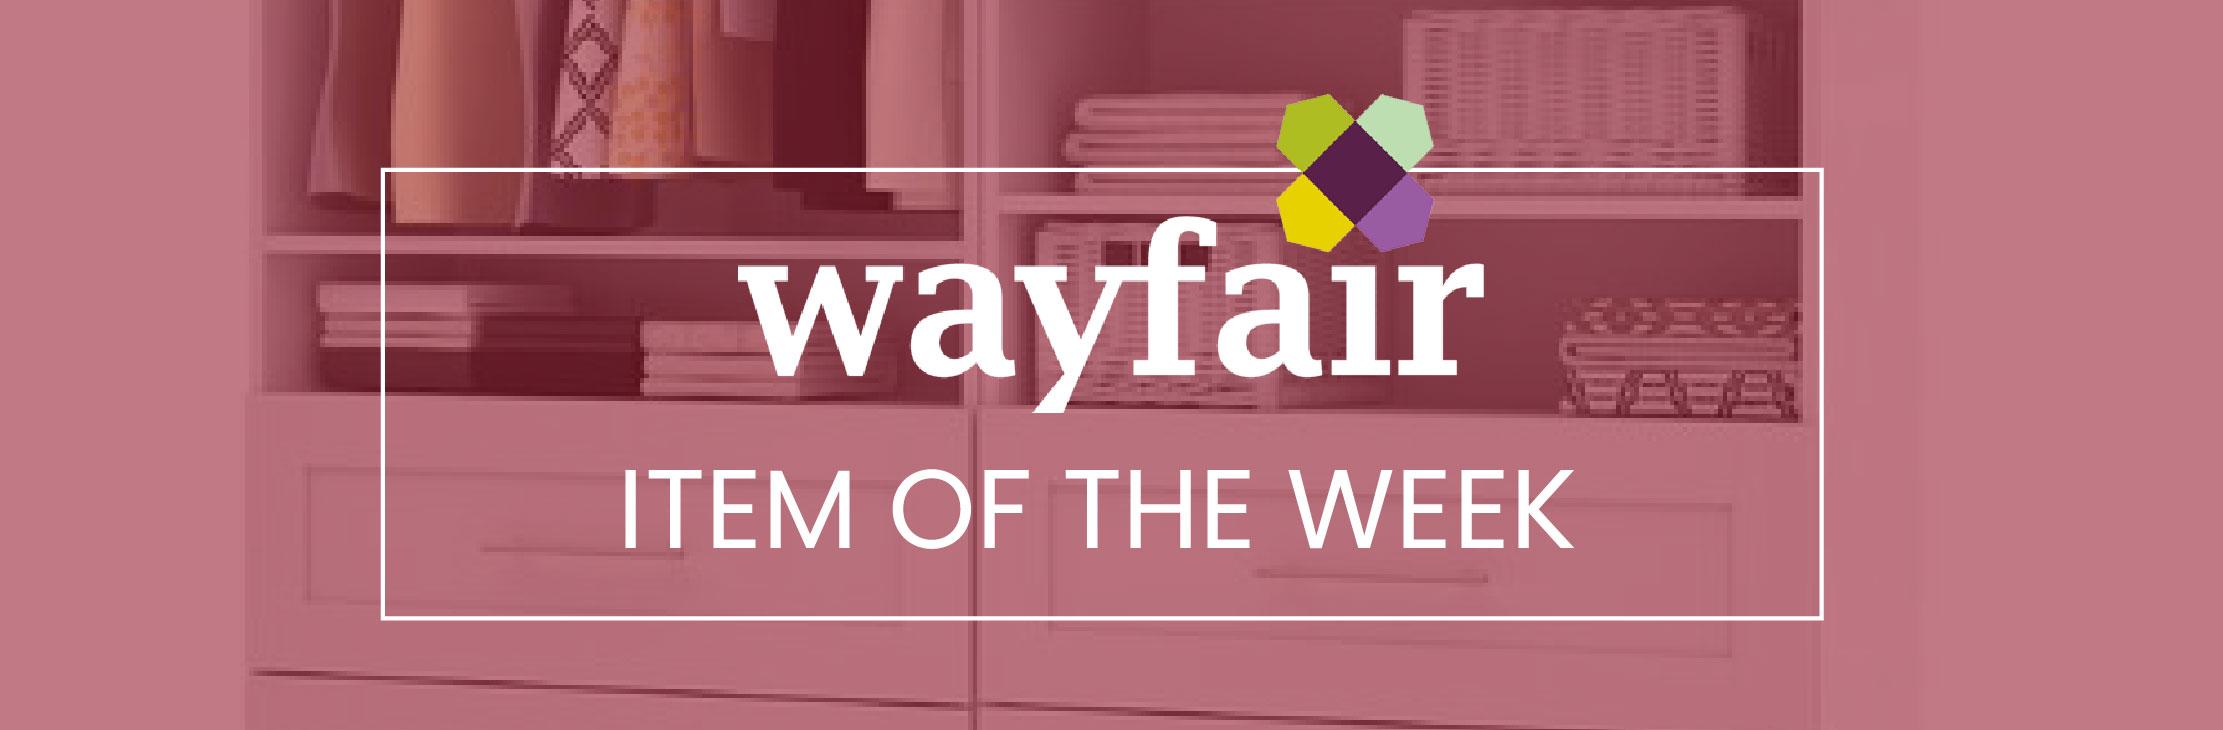 Wayfair-item-of-the-week-closet-organizer